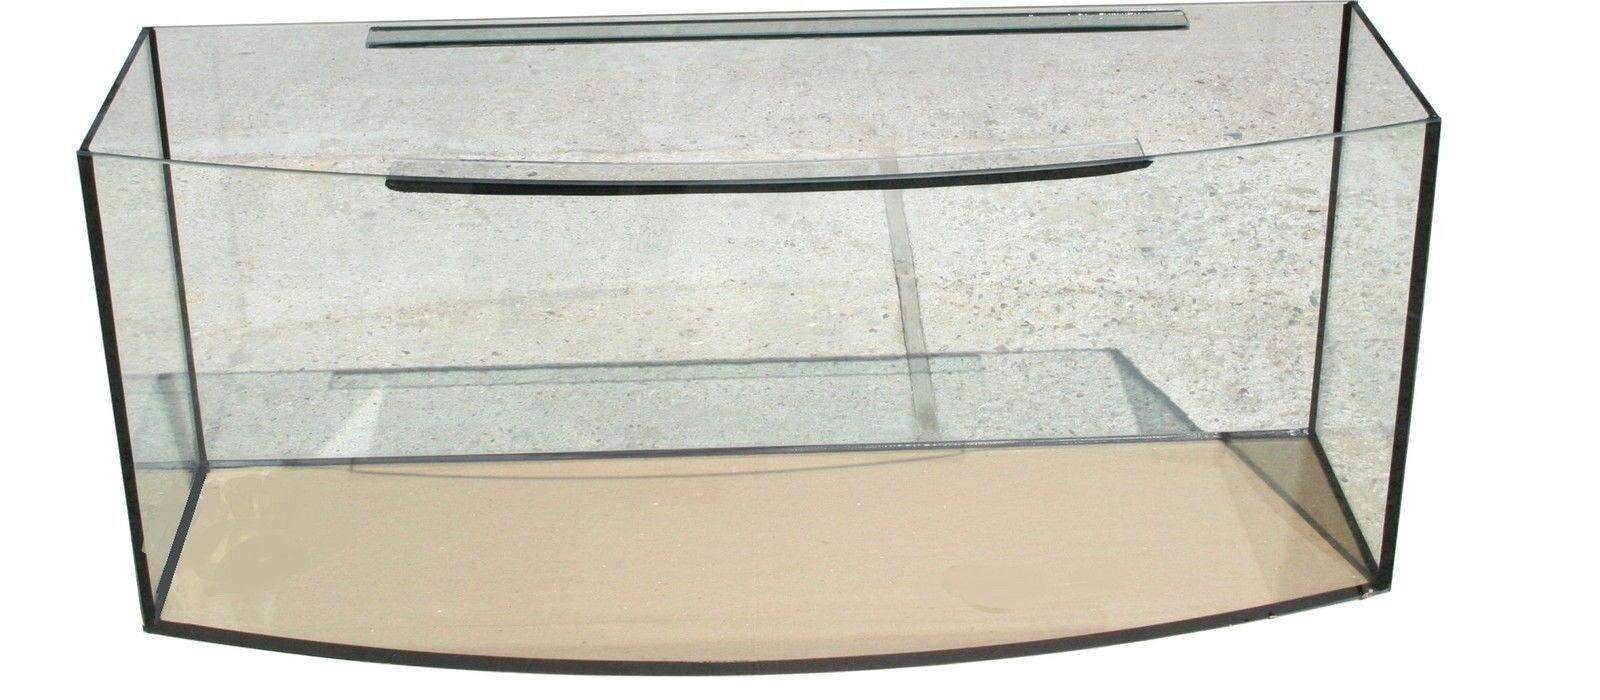 Aquarium 120 x 40 x 50 cm 8 mm Floatglas Becken Gebogen 216 Liter Top Qualität